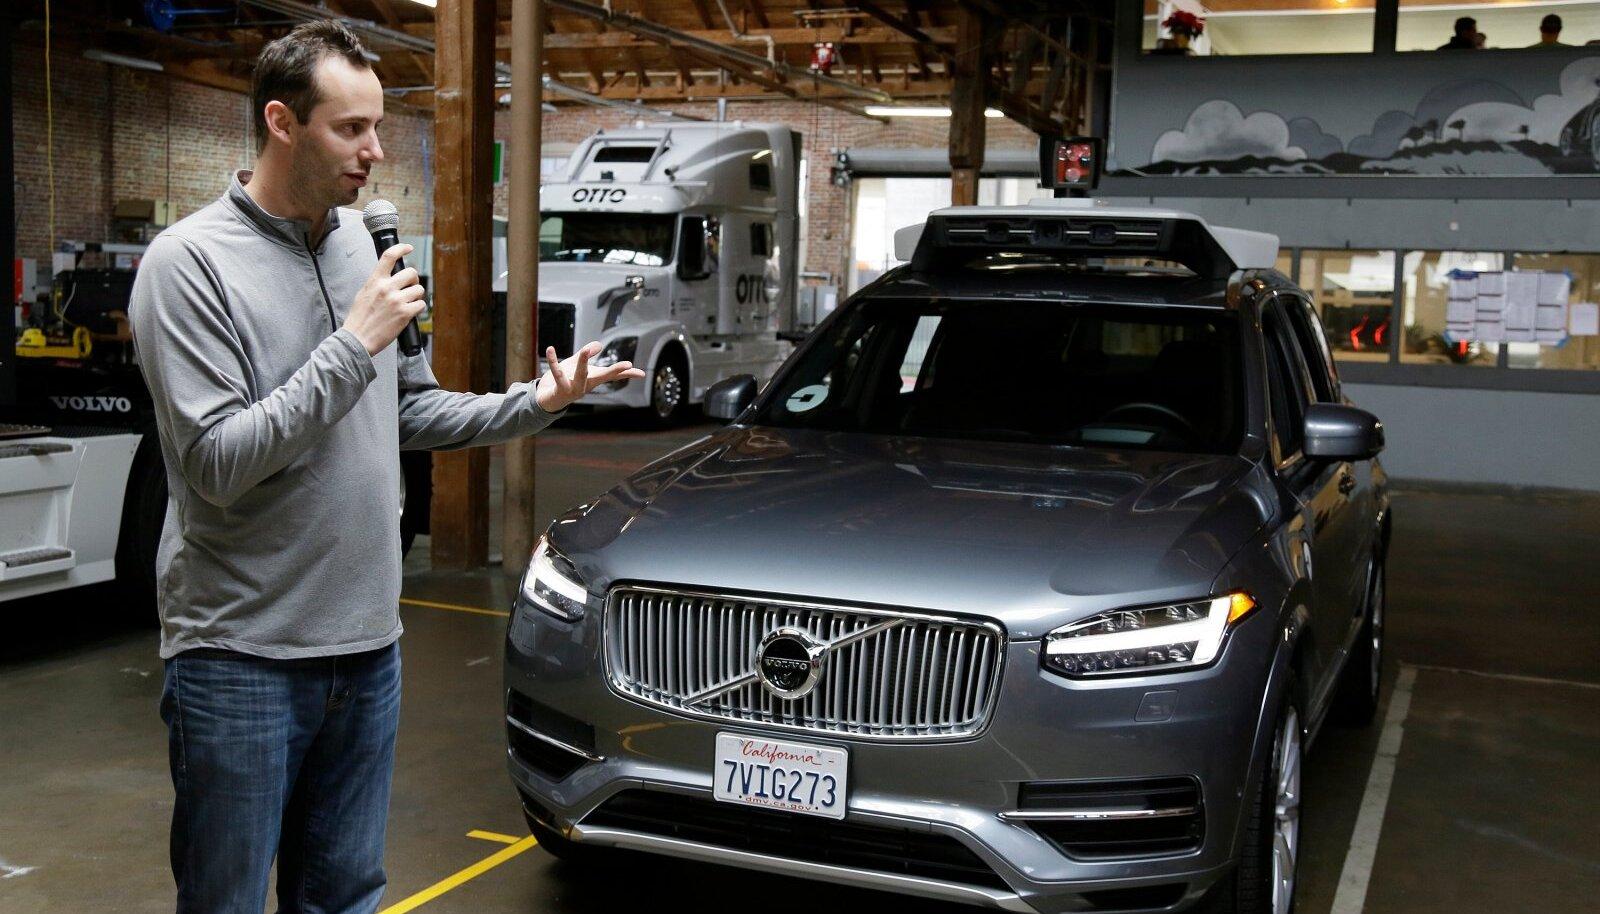 Anthony Levandowski tutvustas 2016. aasta lõpus juba Uberi isesõitvat autot.